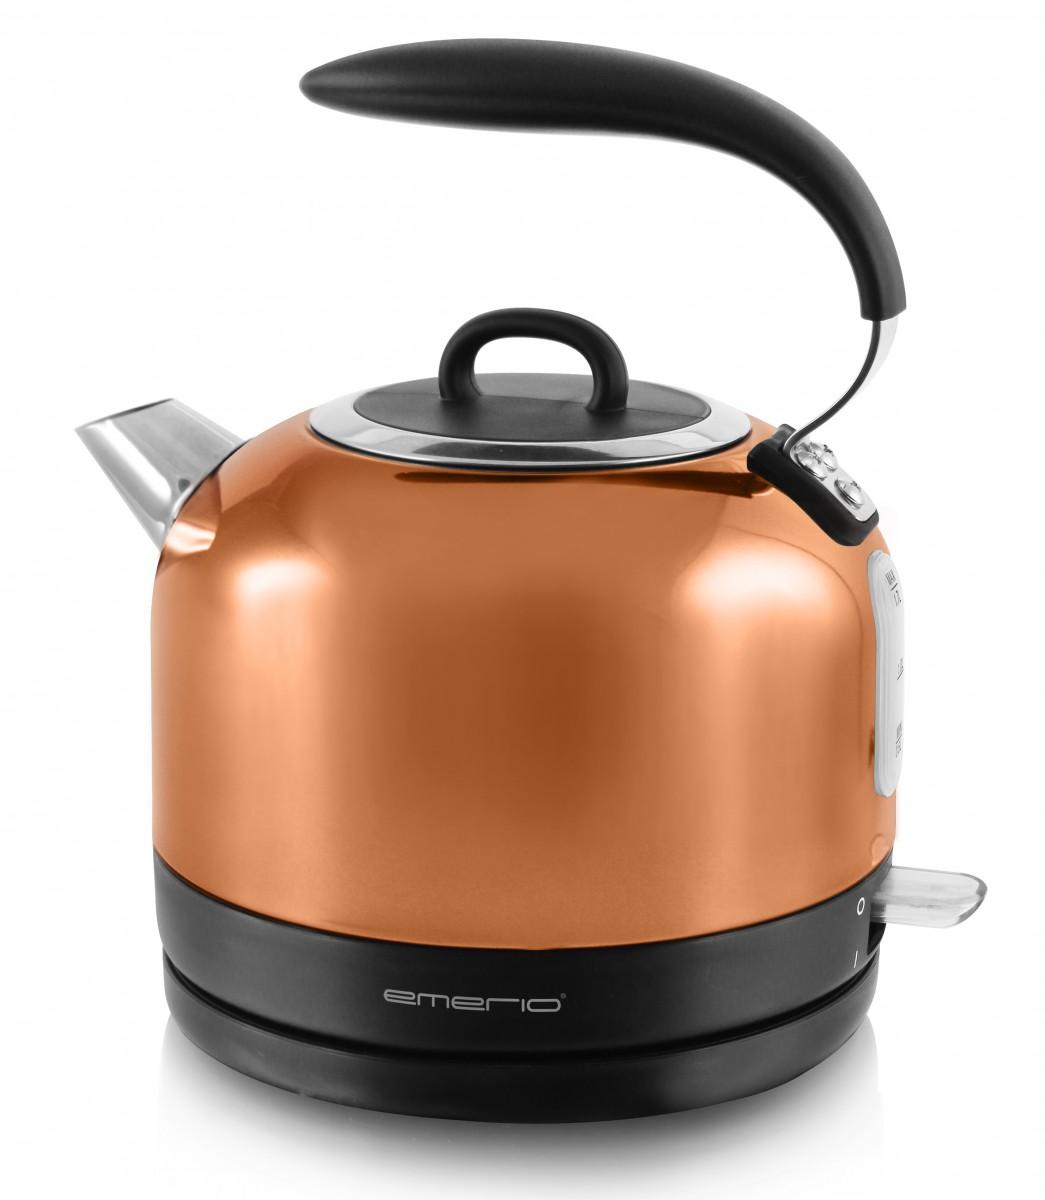 Wasserkocher kupfer-farben 2200 Watt Emerio WK-111081.1 Küchengeräte ...